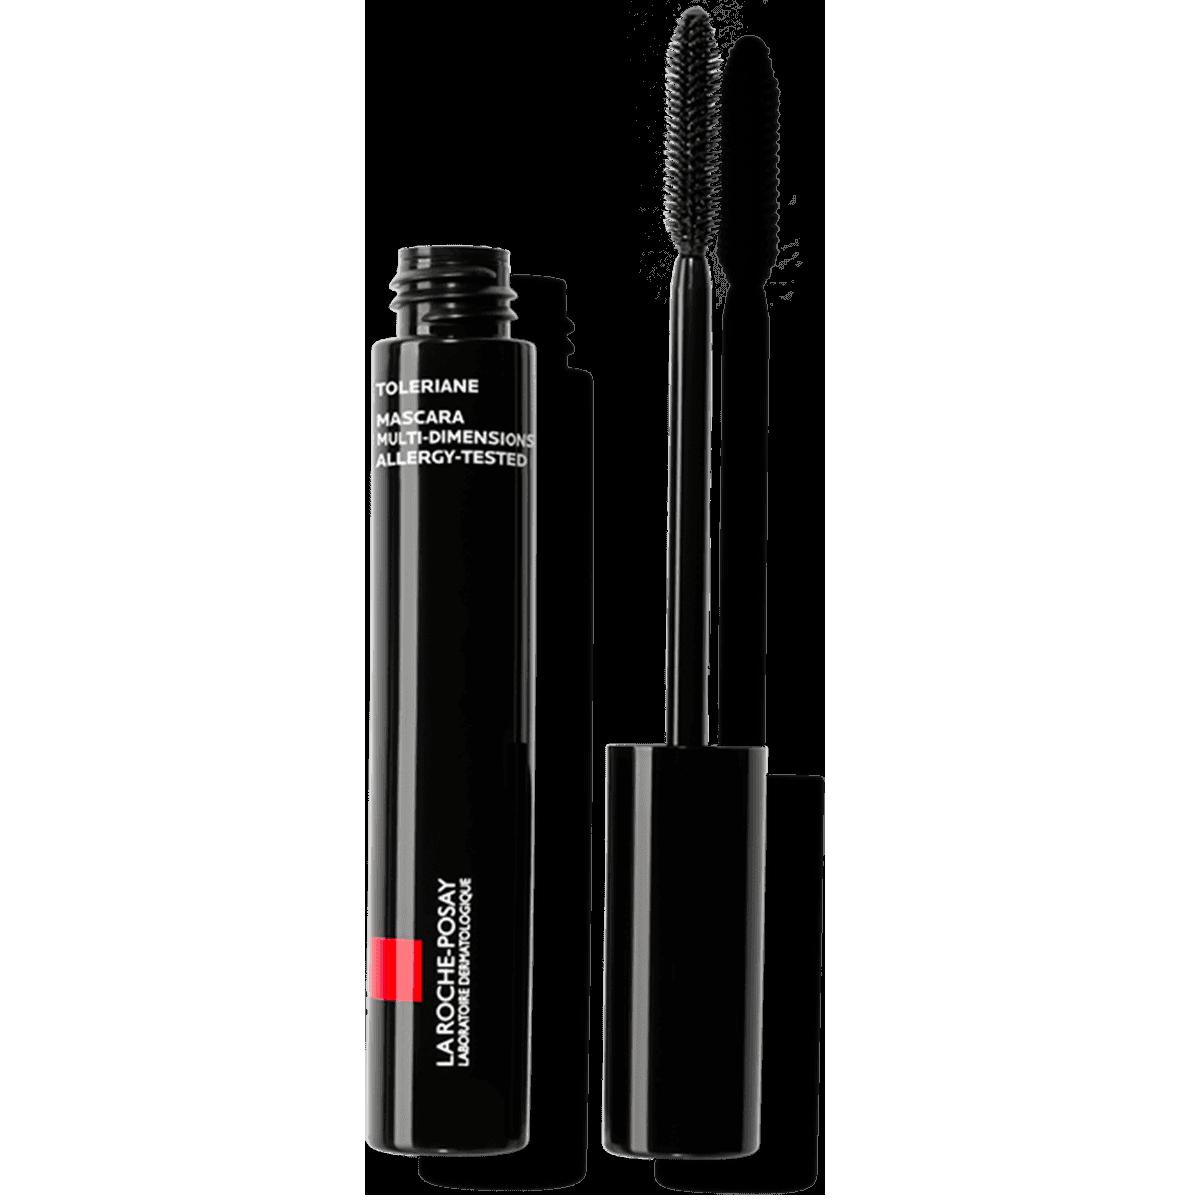 La Roche Posay Sensitiv Toleriane Makeup MULTIDIMENSIONER MASCARA Bla